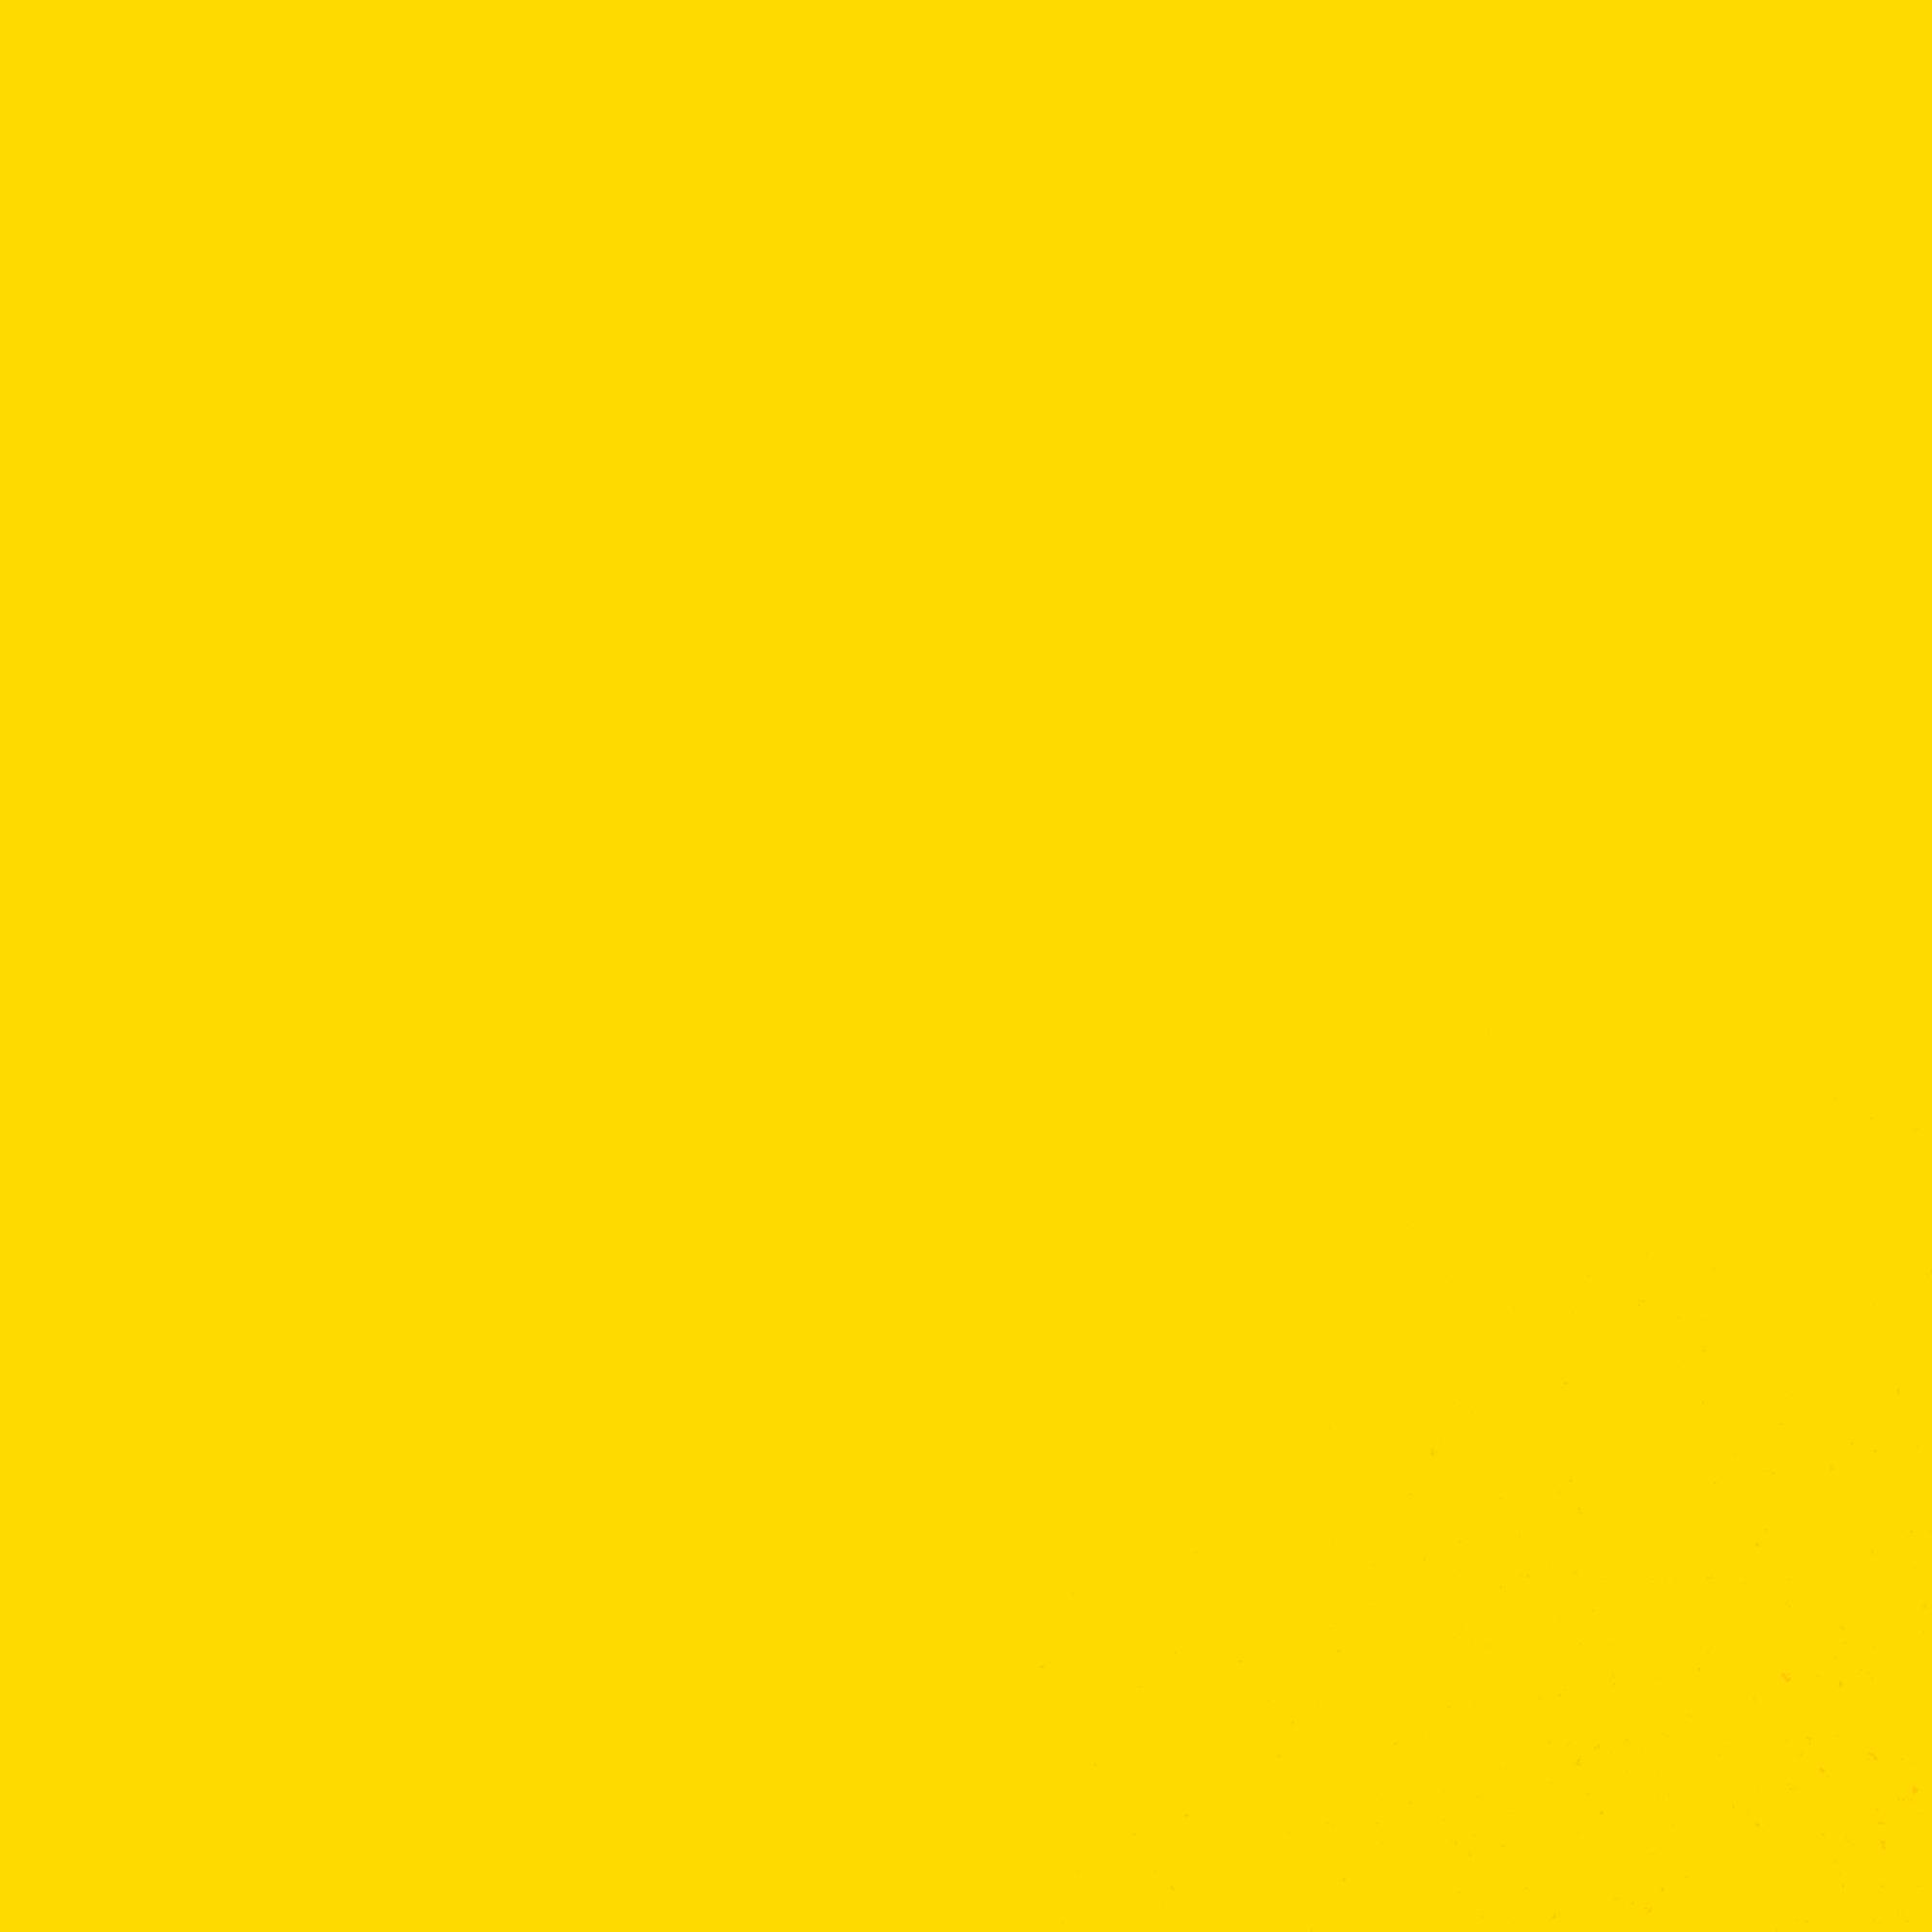 Yellow, Graffiti